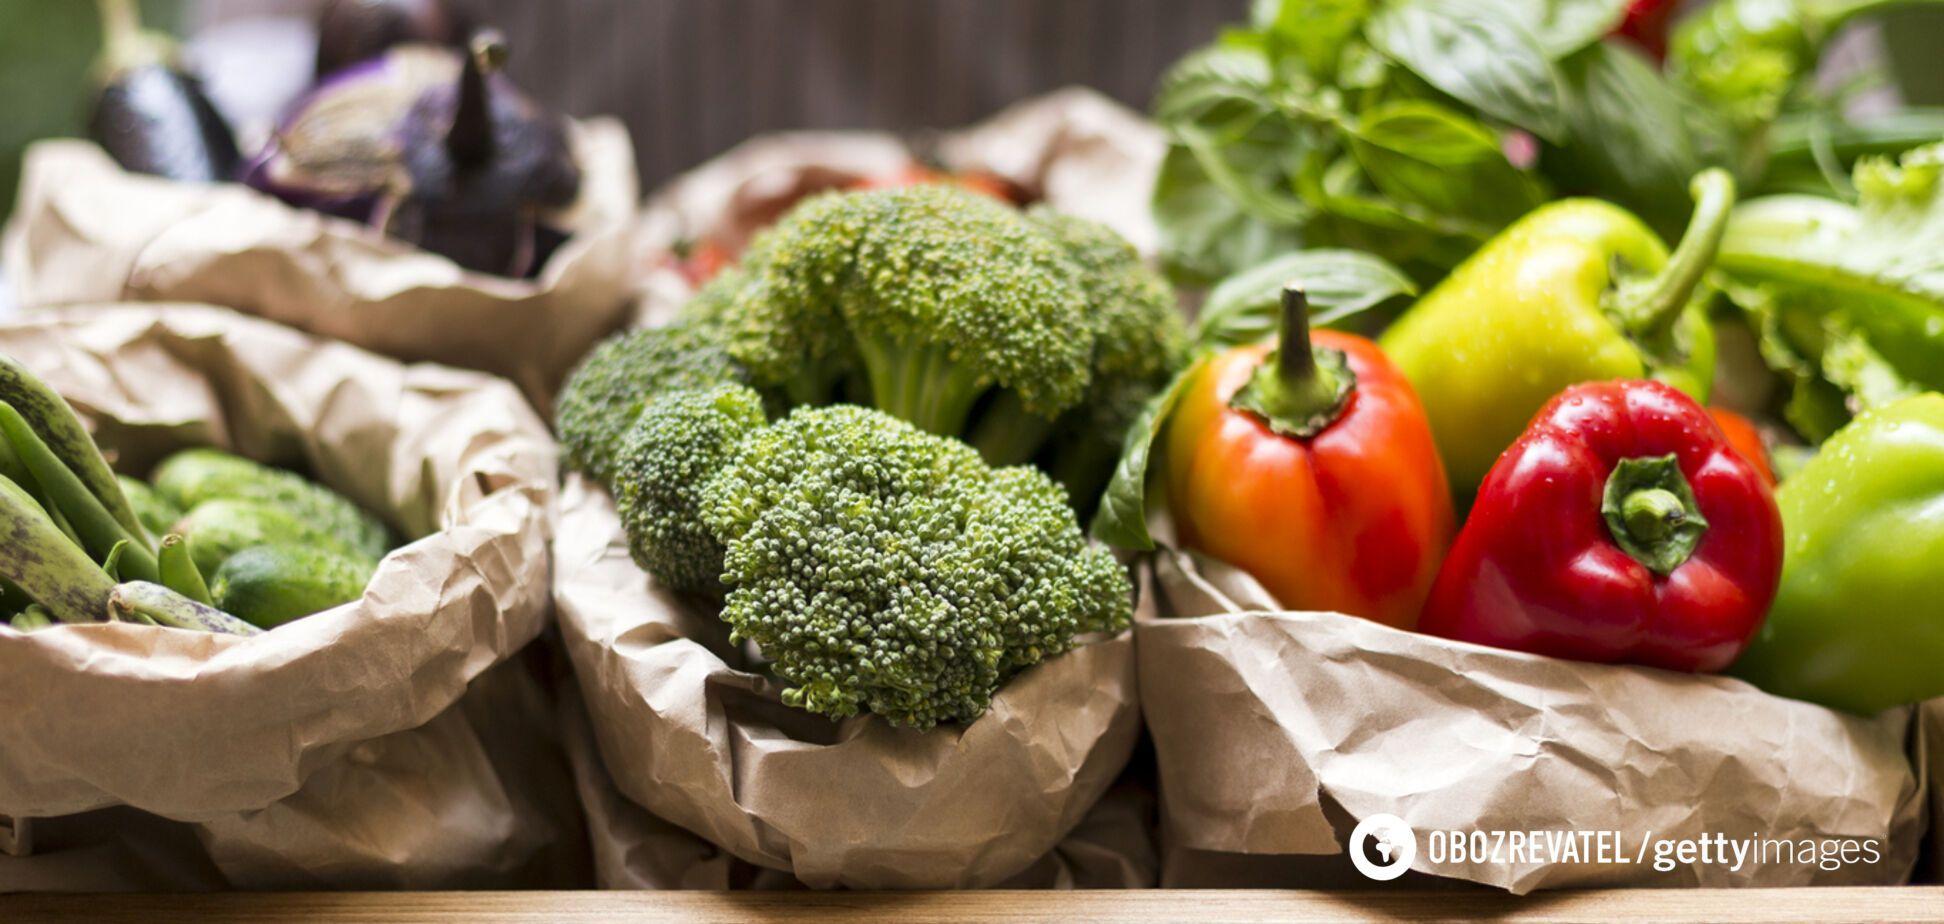 Як змусити себе їсти більше овочів: озвучено 8 корисних порад